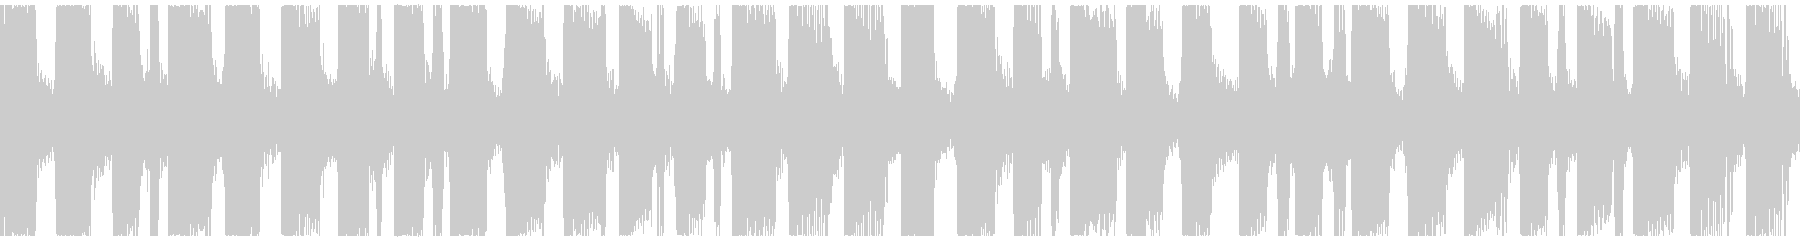 エレクトリックおよびアコースティッ...の未再生の波形